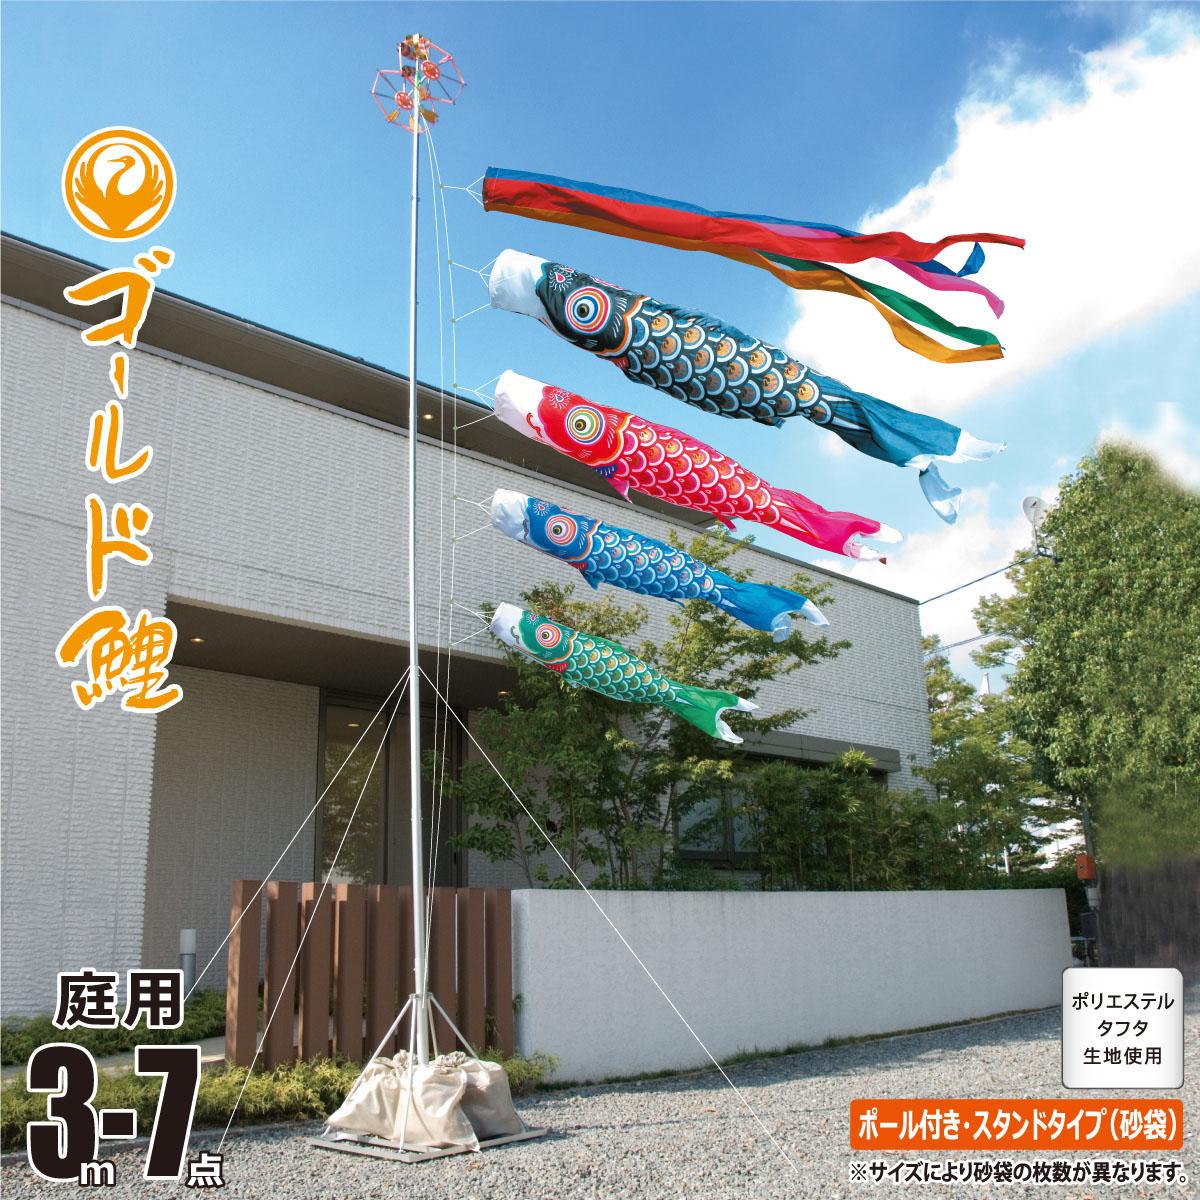 こいのぼり 3m ゴールド鯉 7点 (矢車、ロープ、吹流し、鯉4匹) 庭園用 スタンドセット (庭用 スタンド 砂袋4枚入り) 徳永鯉のぼり KIT-114-001